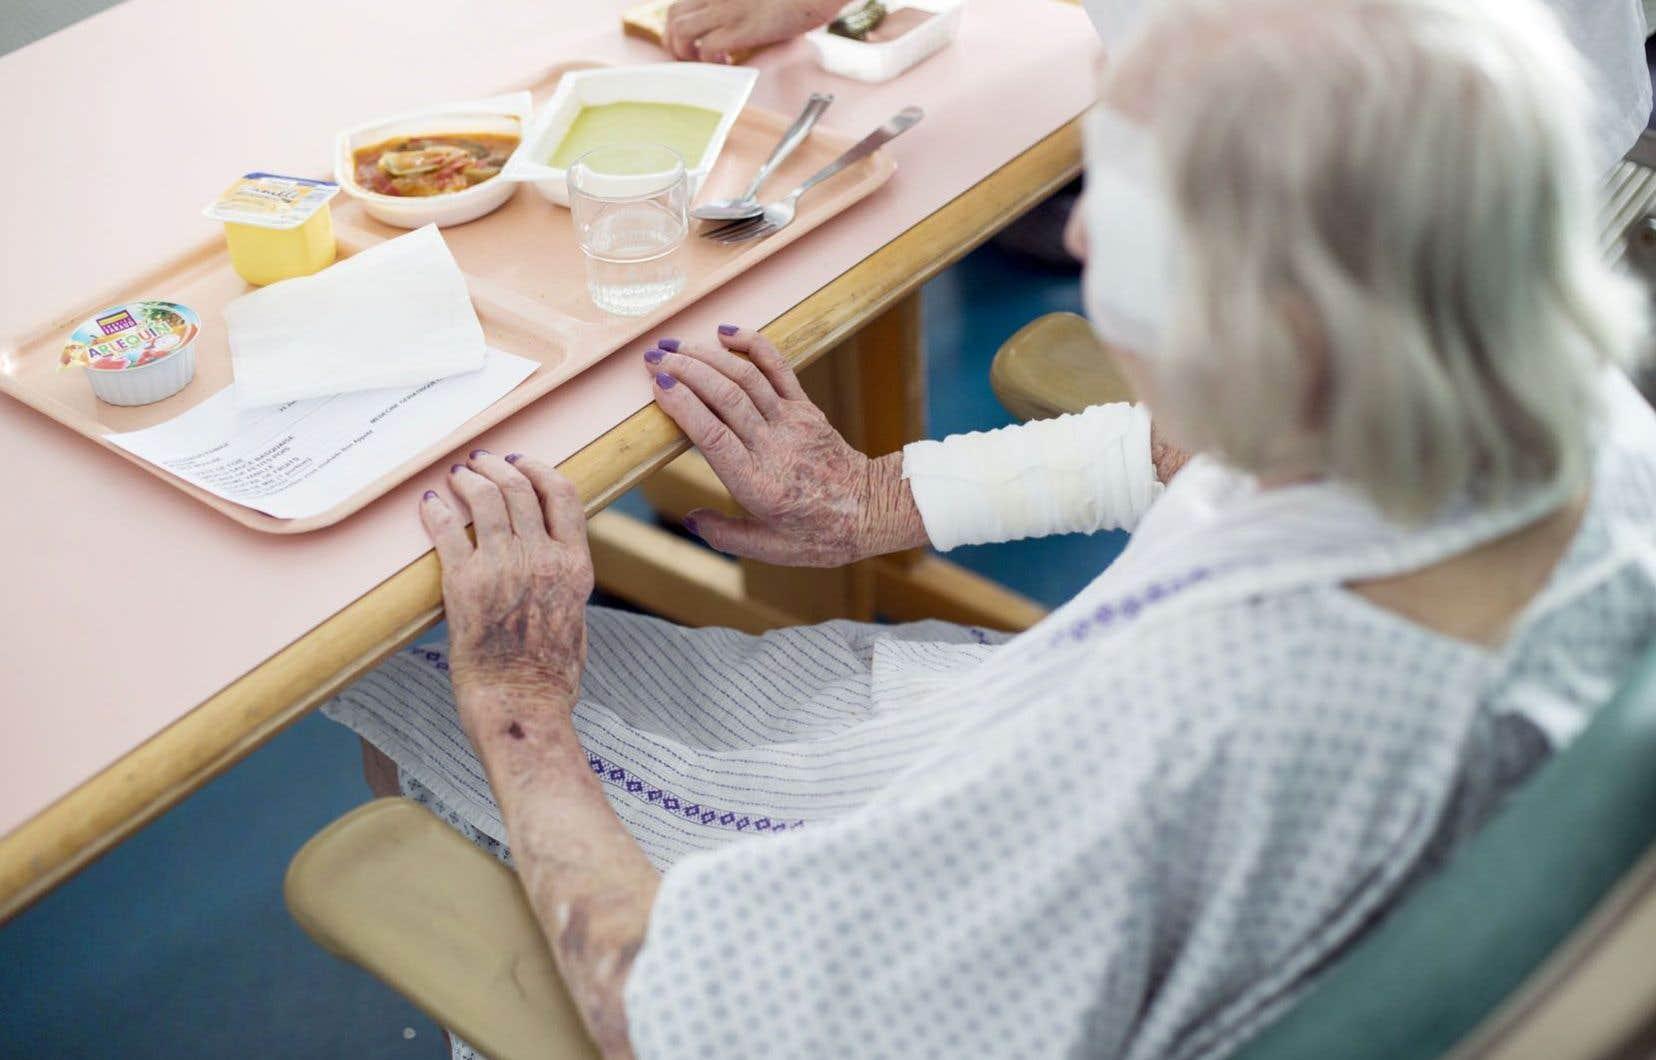 À l'hôpital, les repas aux malades sont avant tout un service que l'on offre en se disant que personne n'est là pour bien manger.